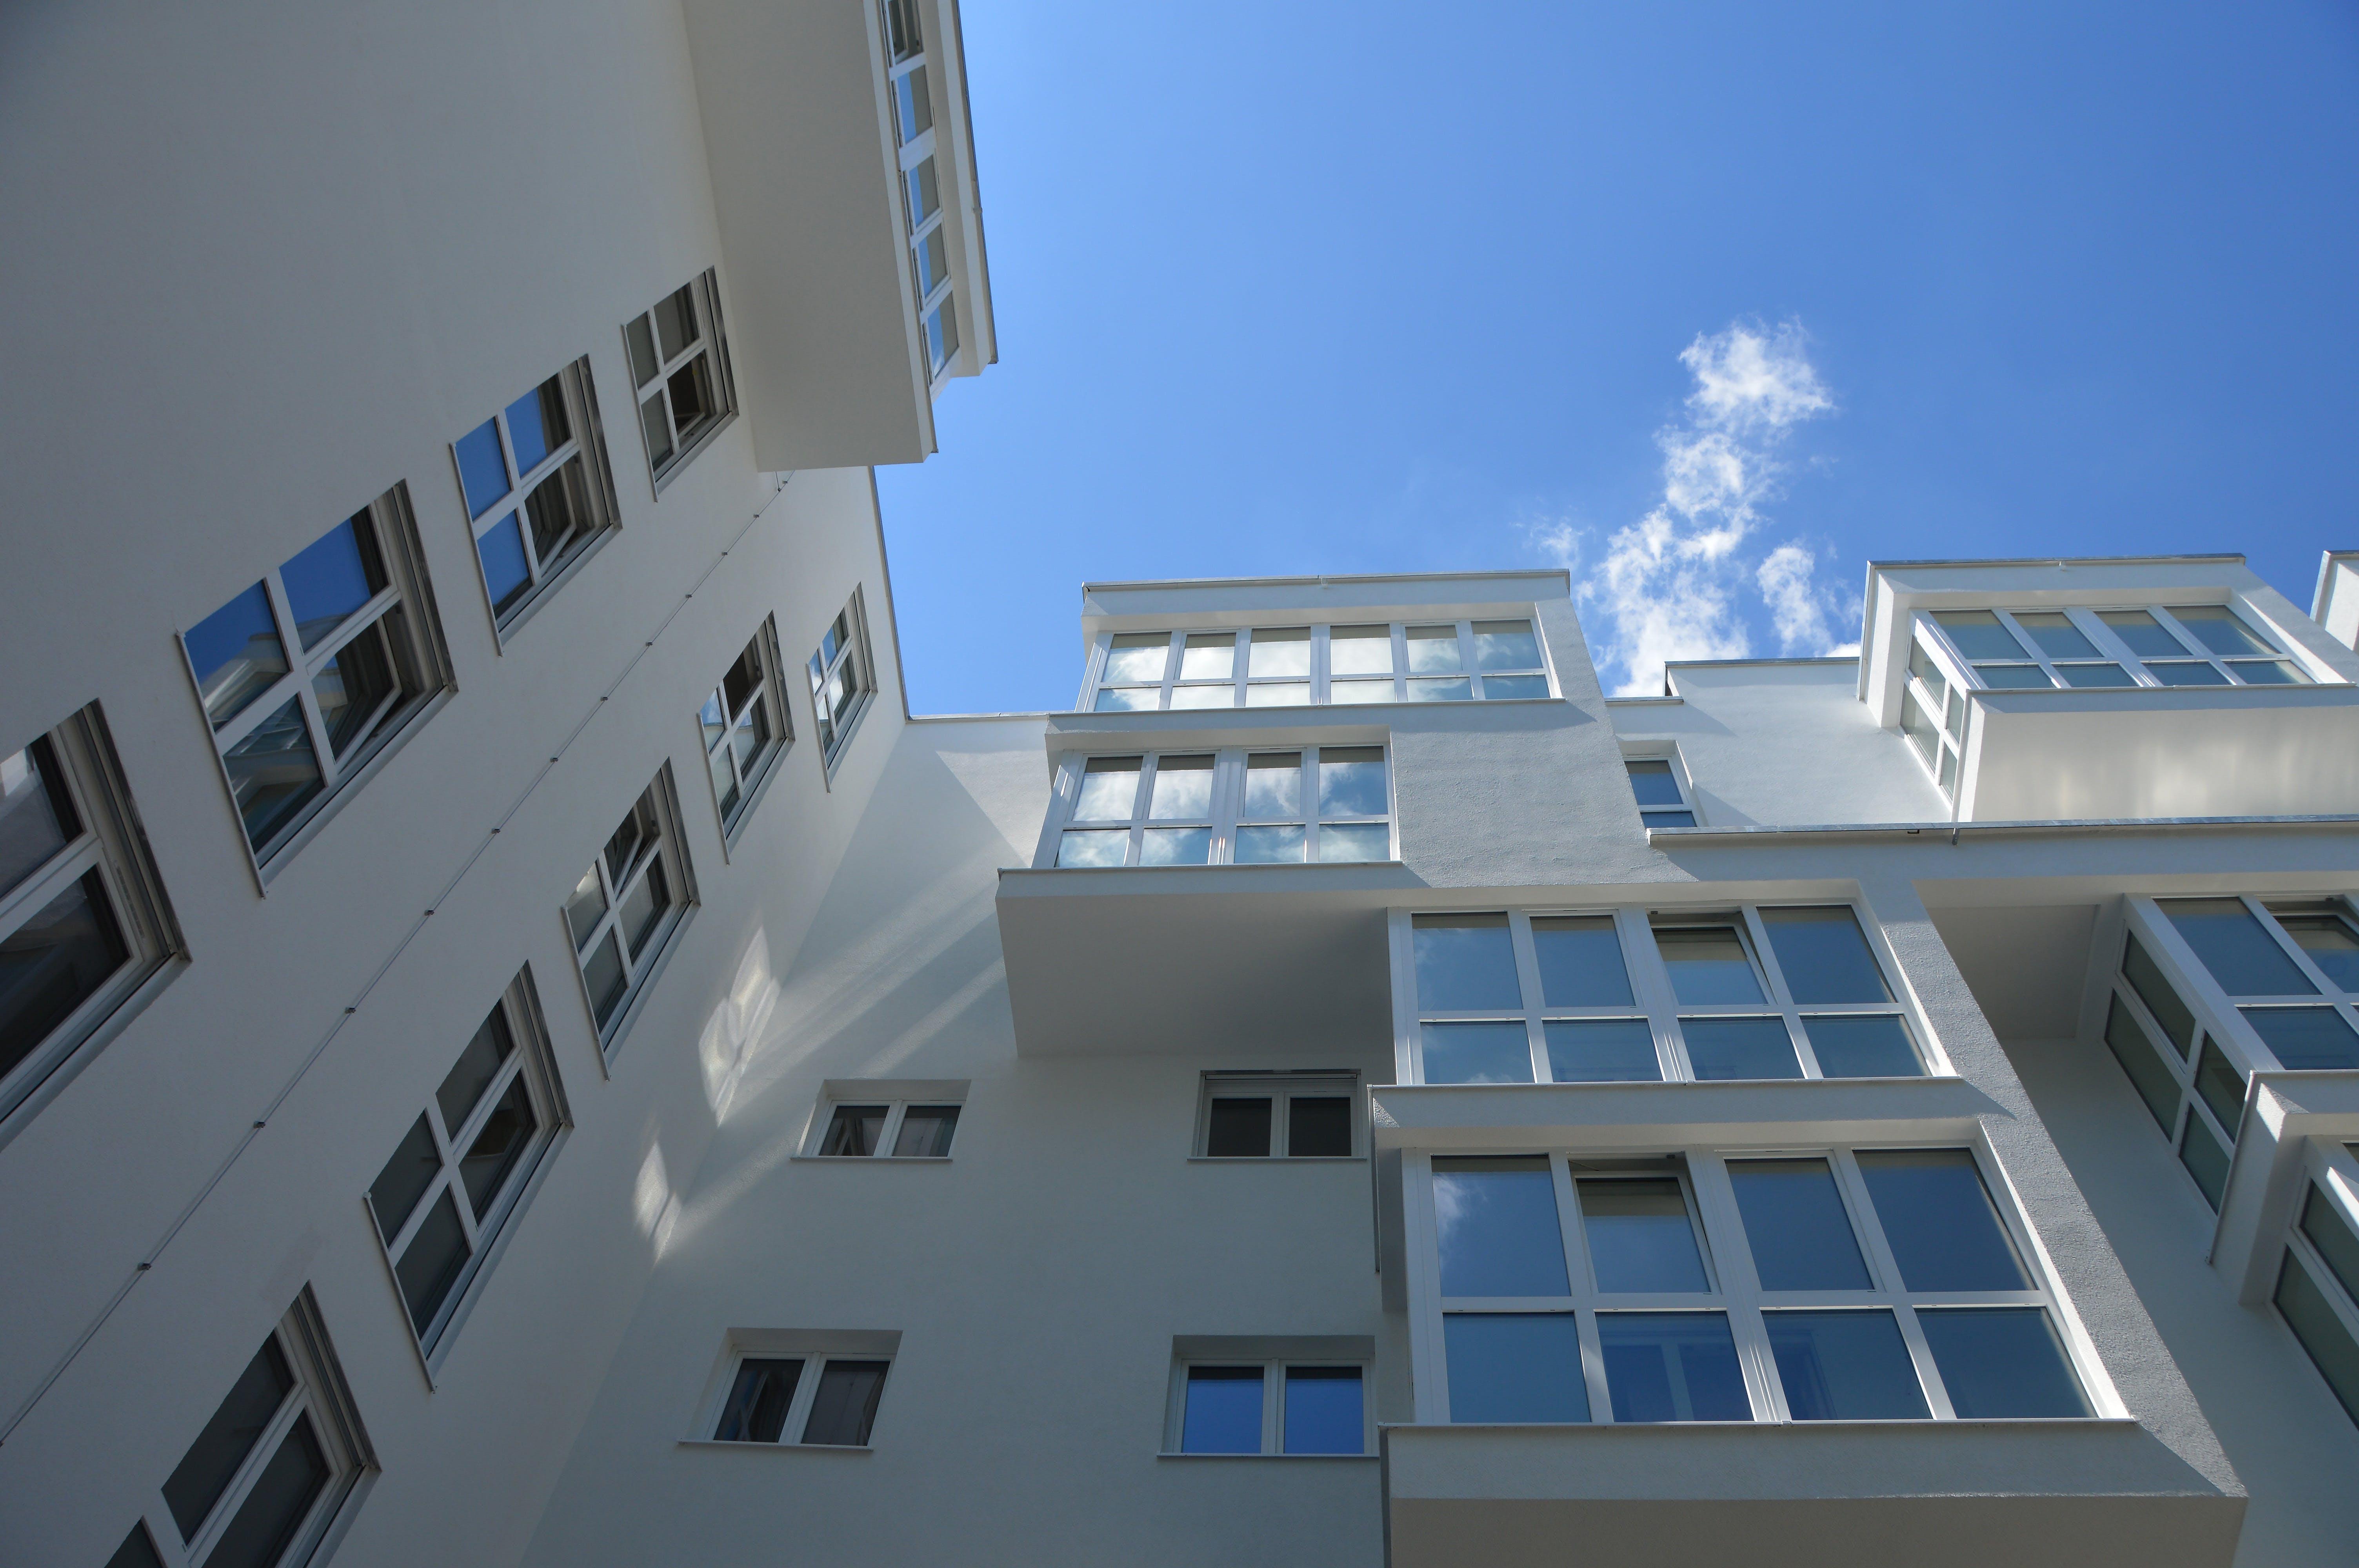 アパート, ガラス窓, コンテンポラリー, シティの無料の写真素材